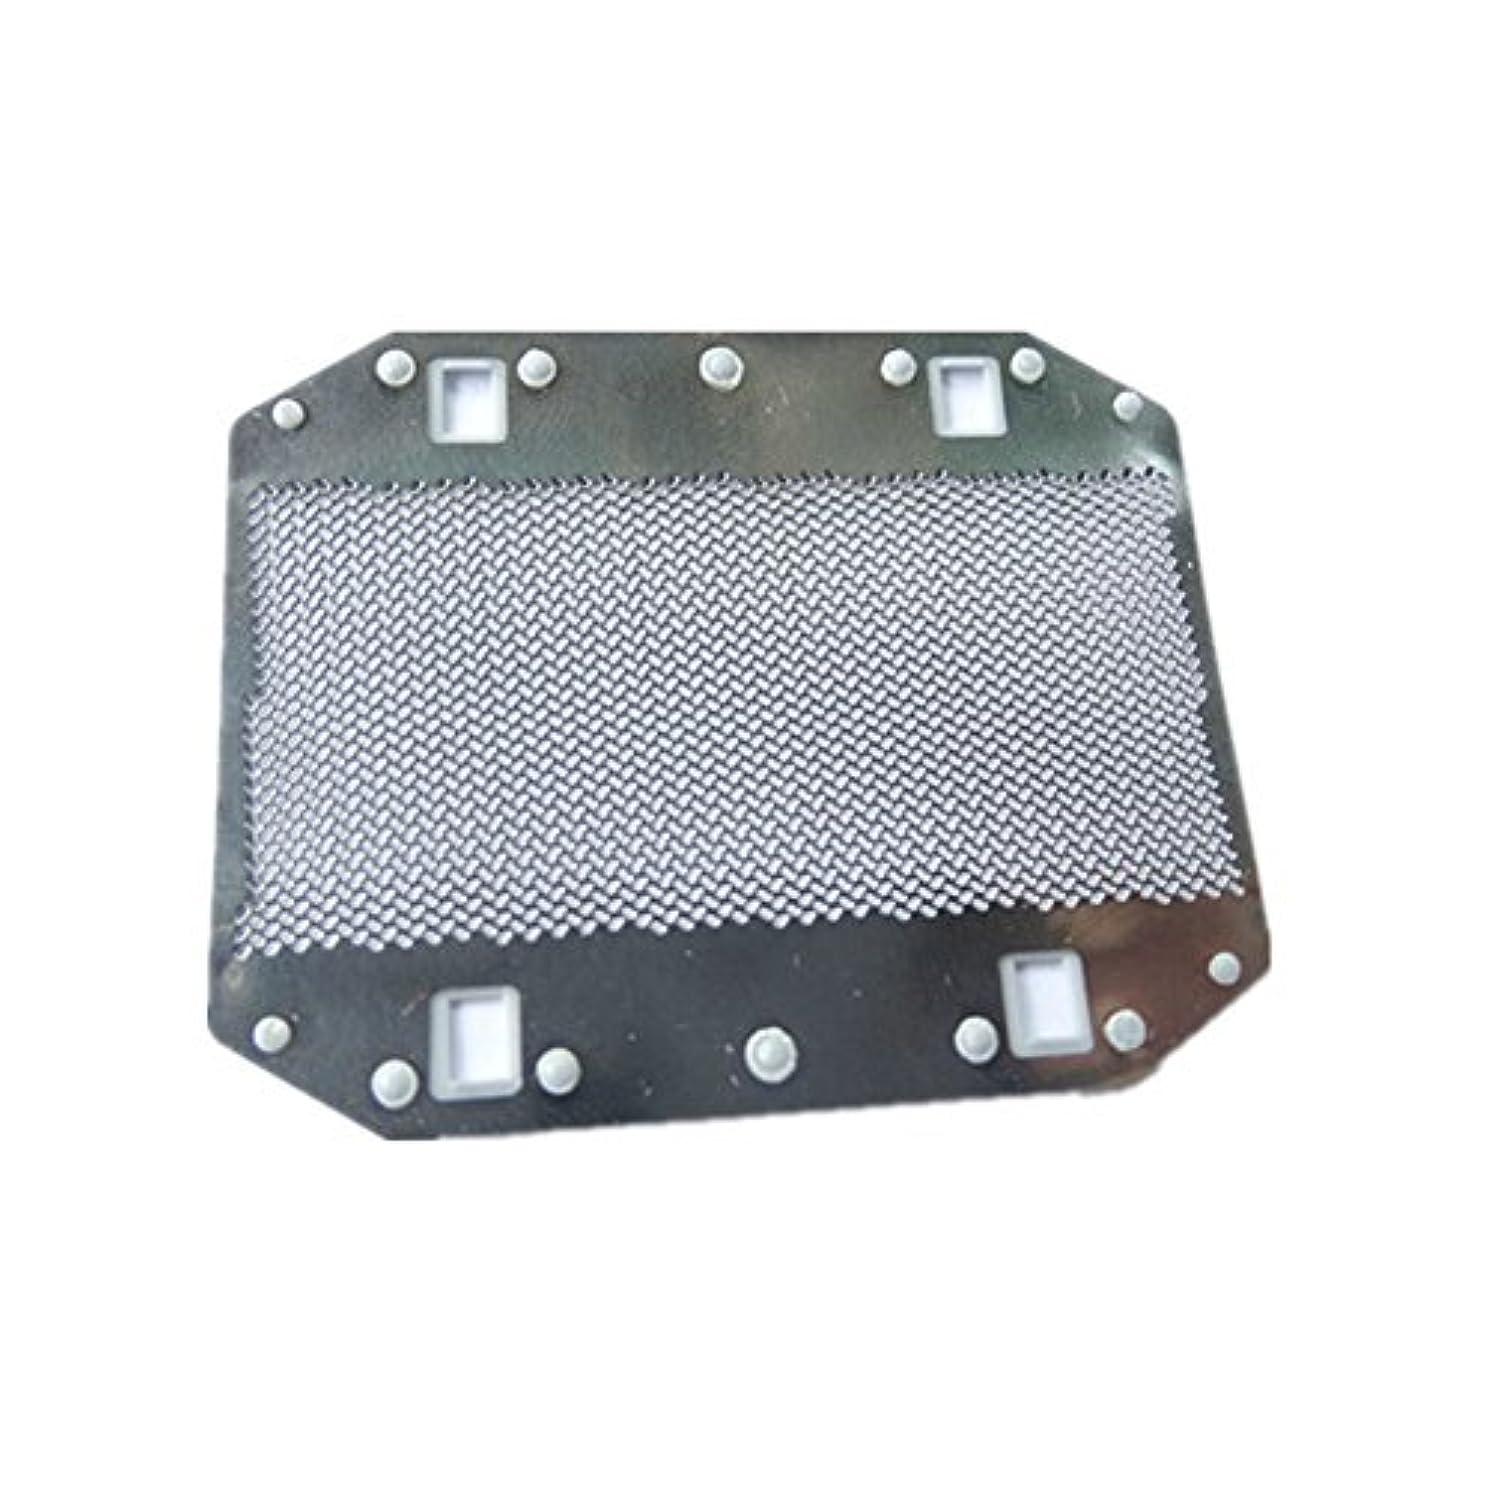 語紳士最も早いHZjundasi Replacement Outer ホイル for Panasonic ES3750/3760/RP40/815/3050 ES9943